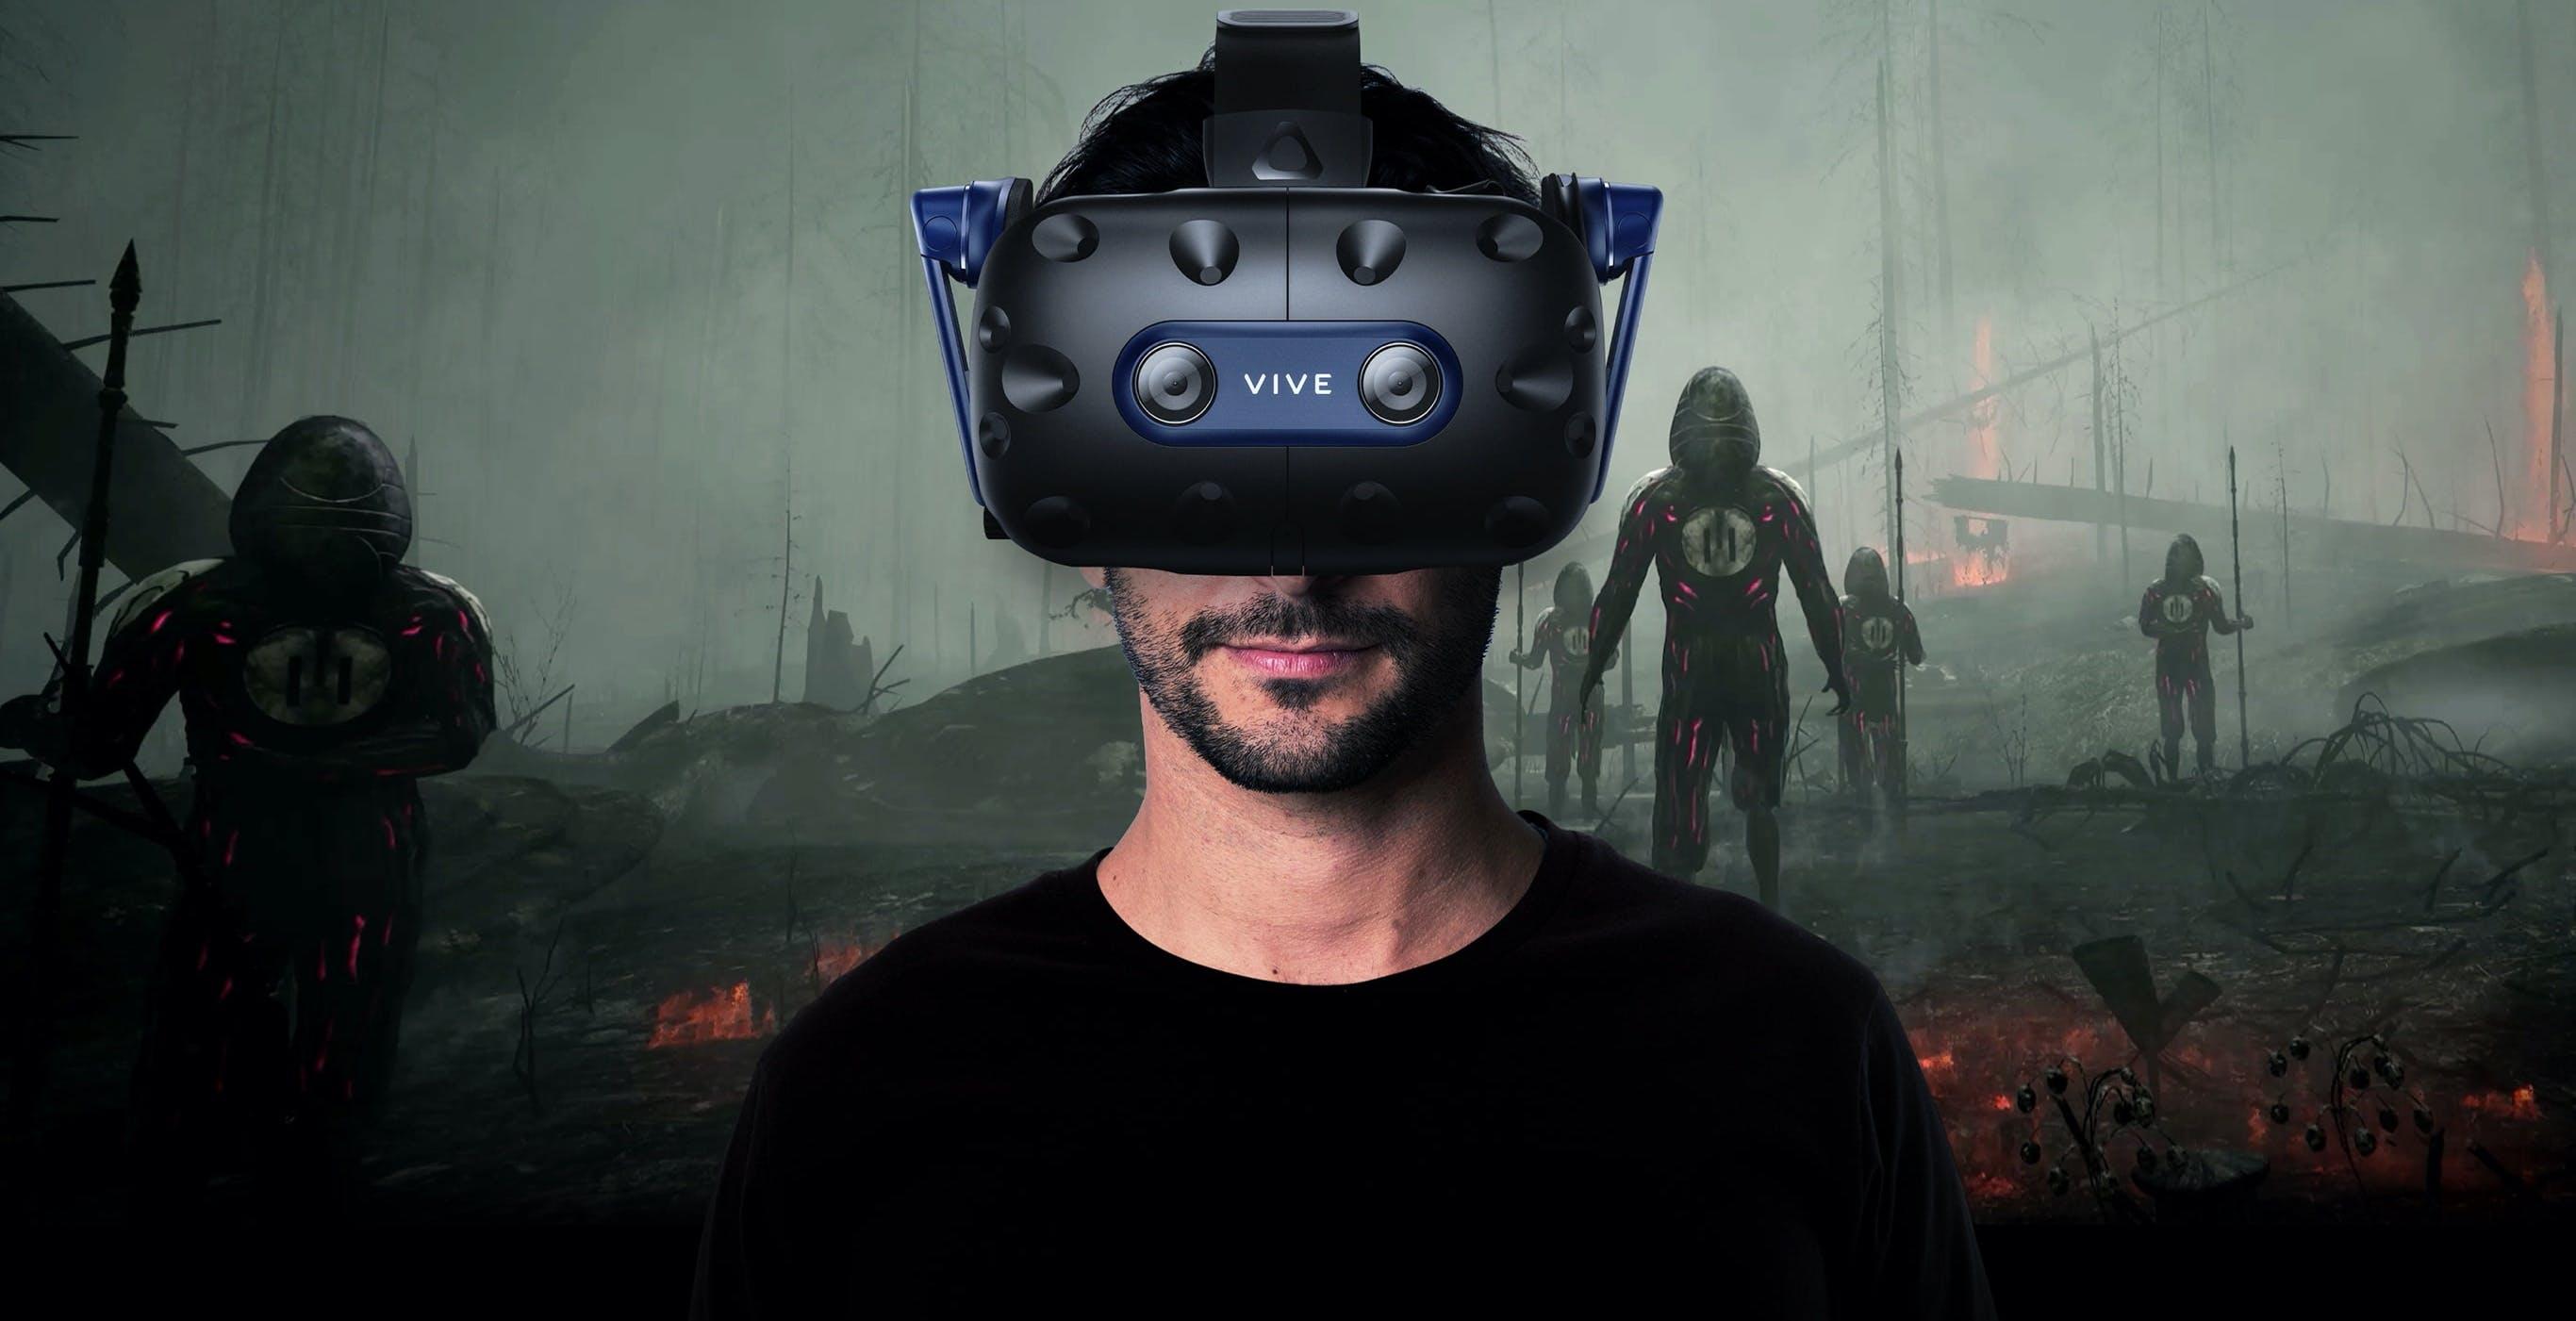 HTC presenta i nuovi visori VR Vive Pro 2 e Vive Focus 3 con risoluzione 5K